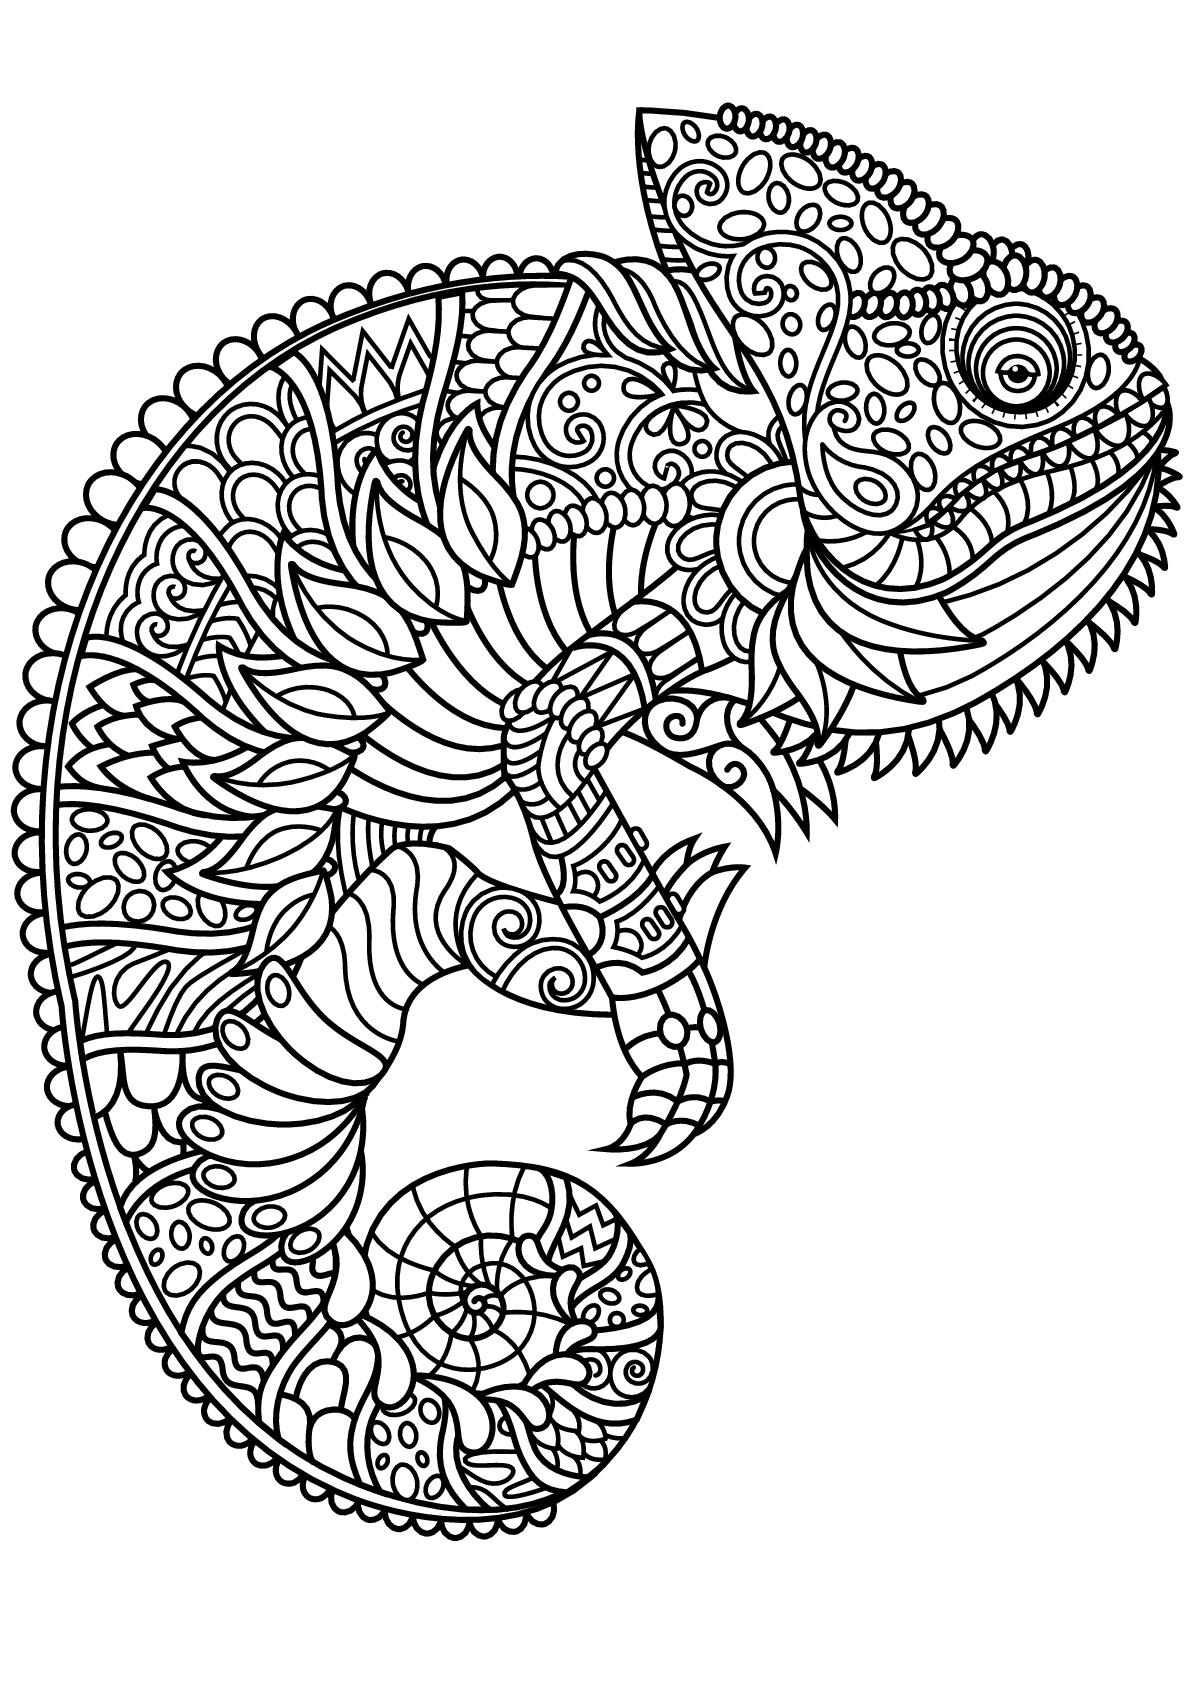 Camaleones y lagartos 35367 Camaleones